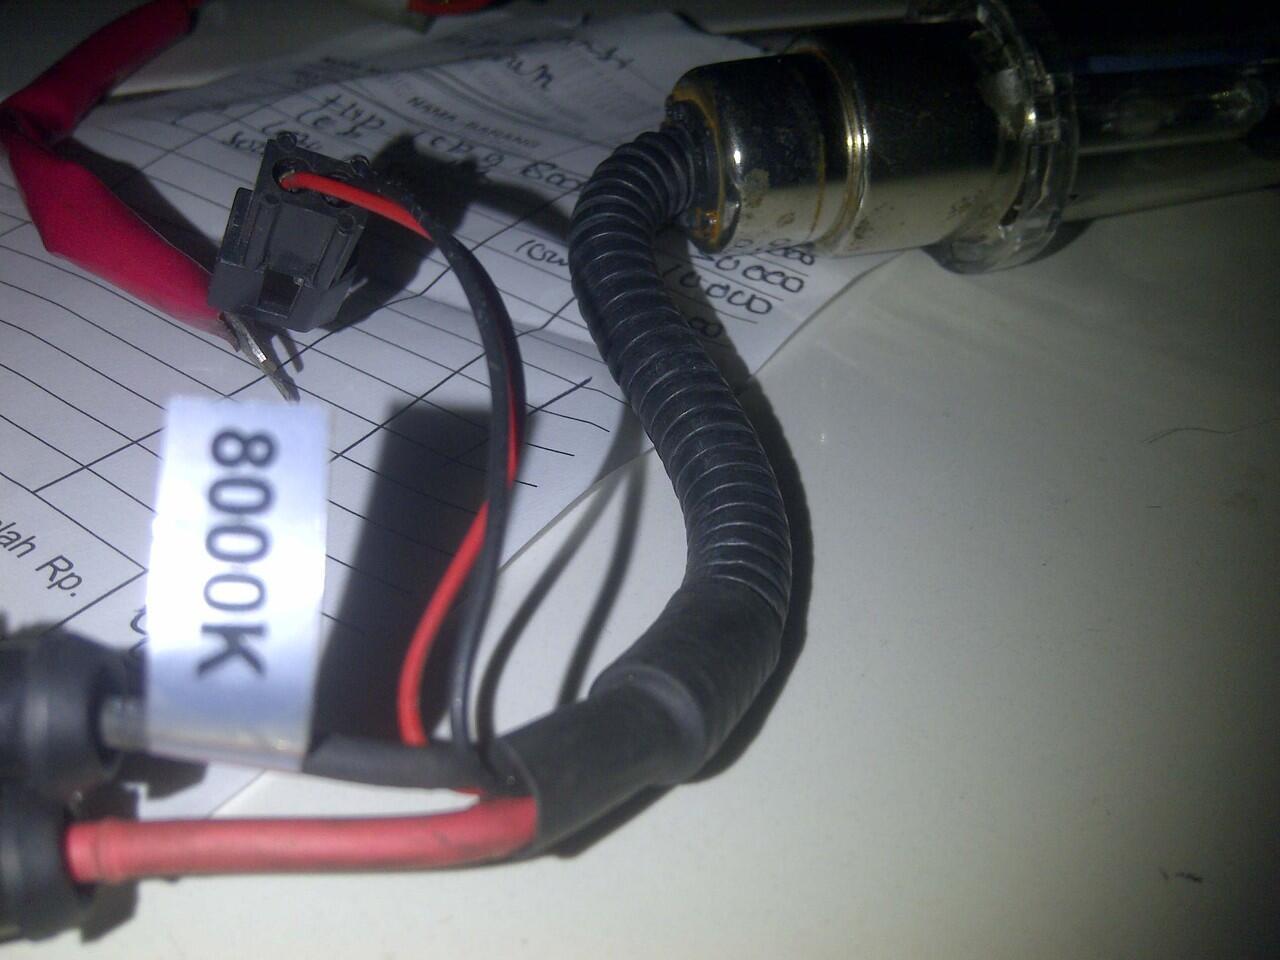 WTS : Lampu HID 9NINE + KIPROK TIGER LIKE NEW !!